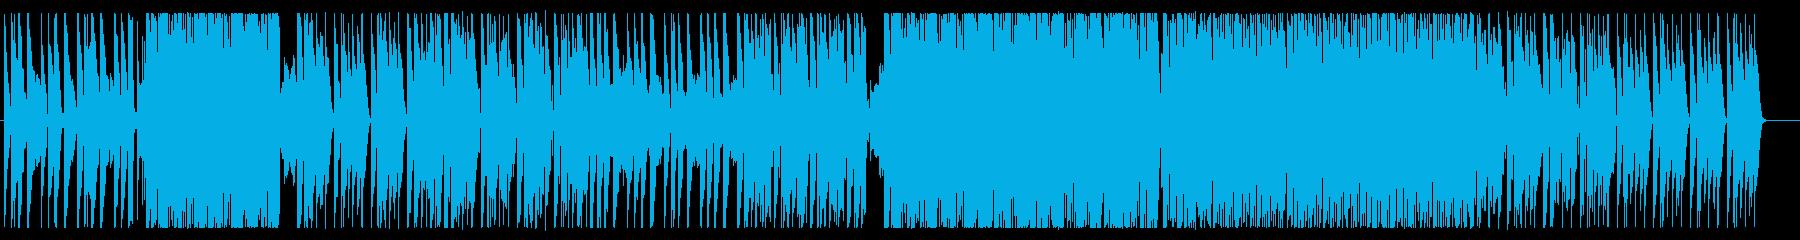 おしゃれなトロピカルハウスの再生済みの波形